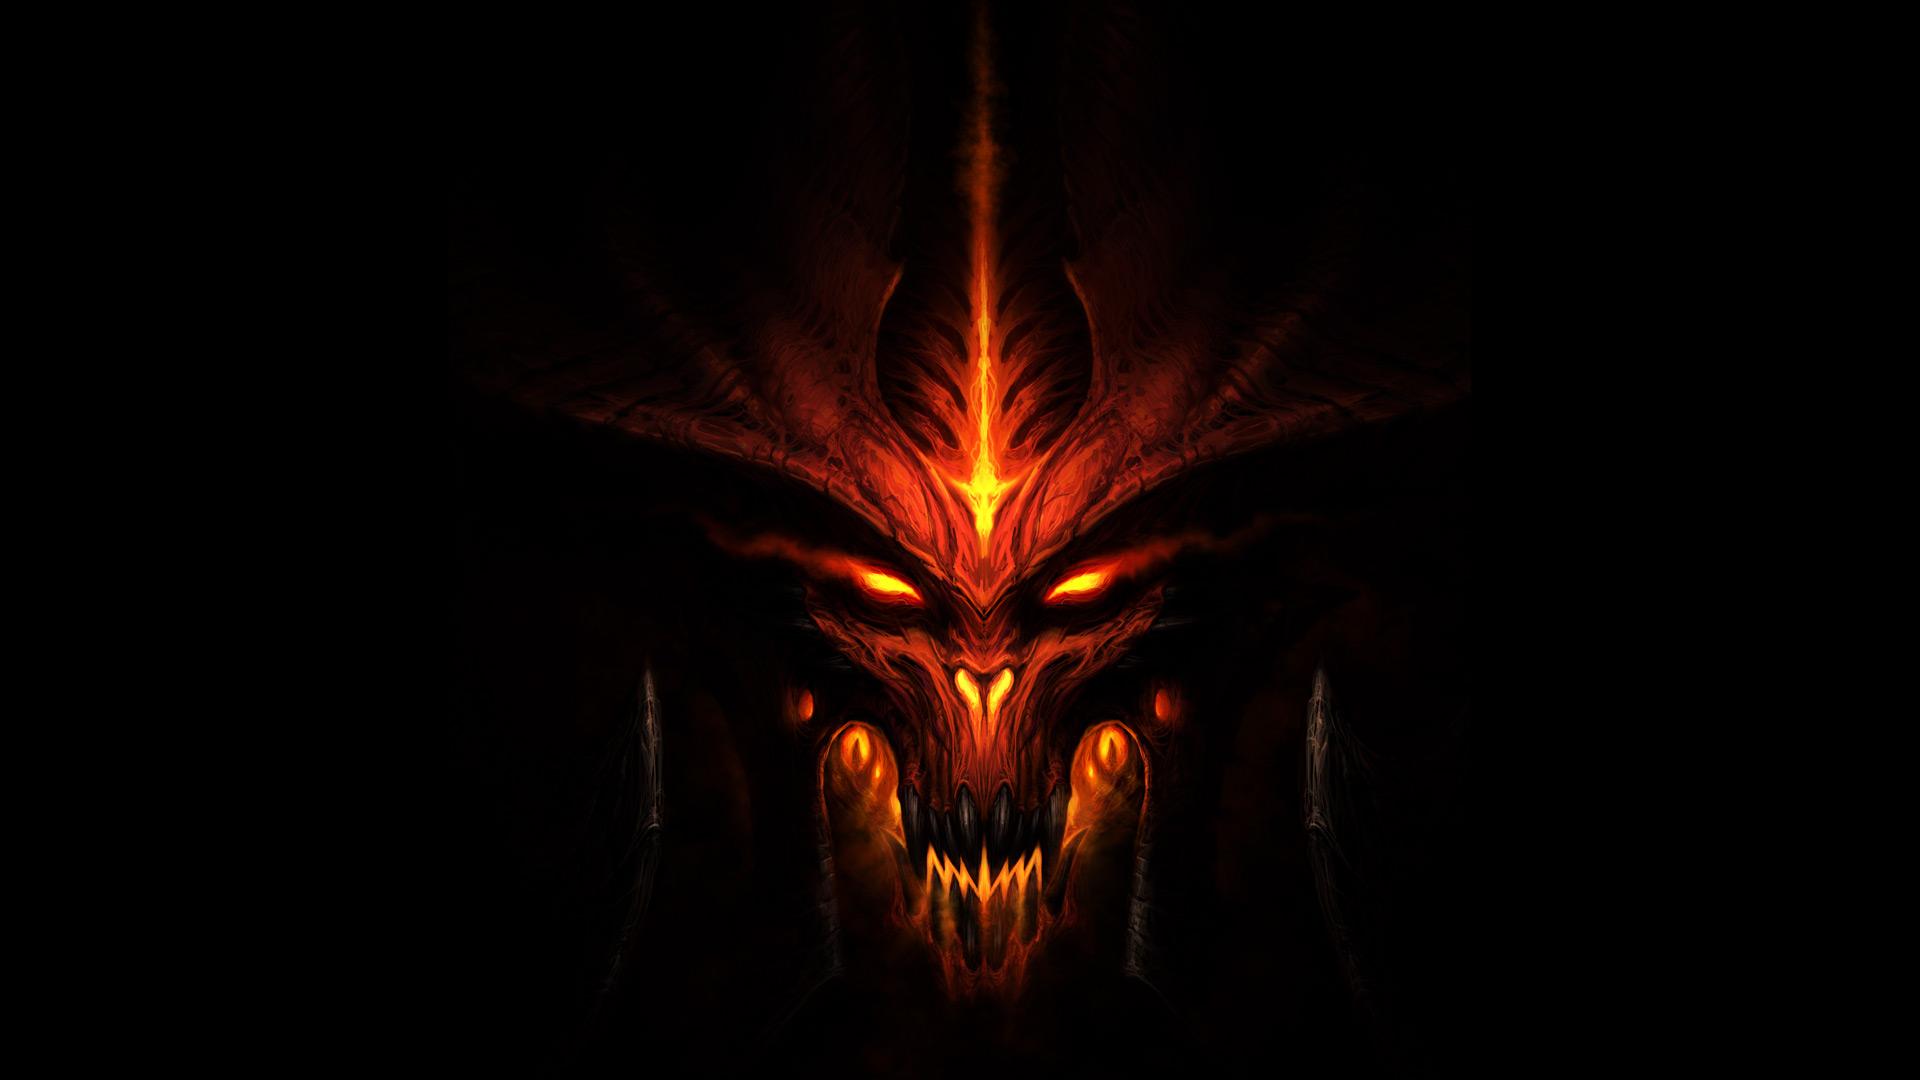 Diablo 3 Wallpaper by BloodTheChosen